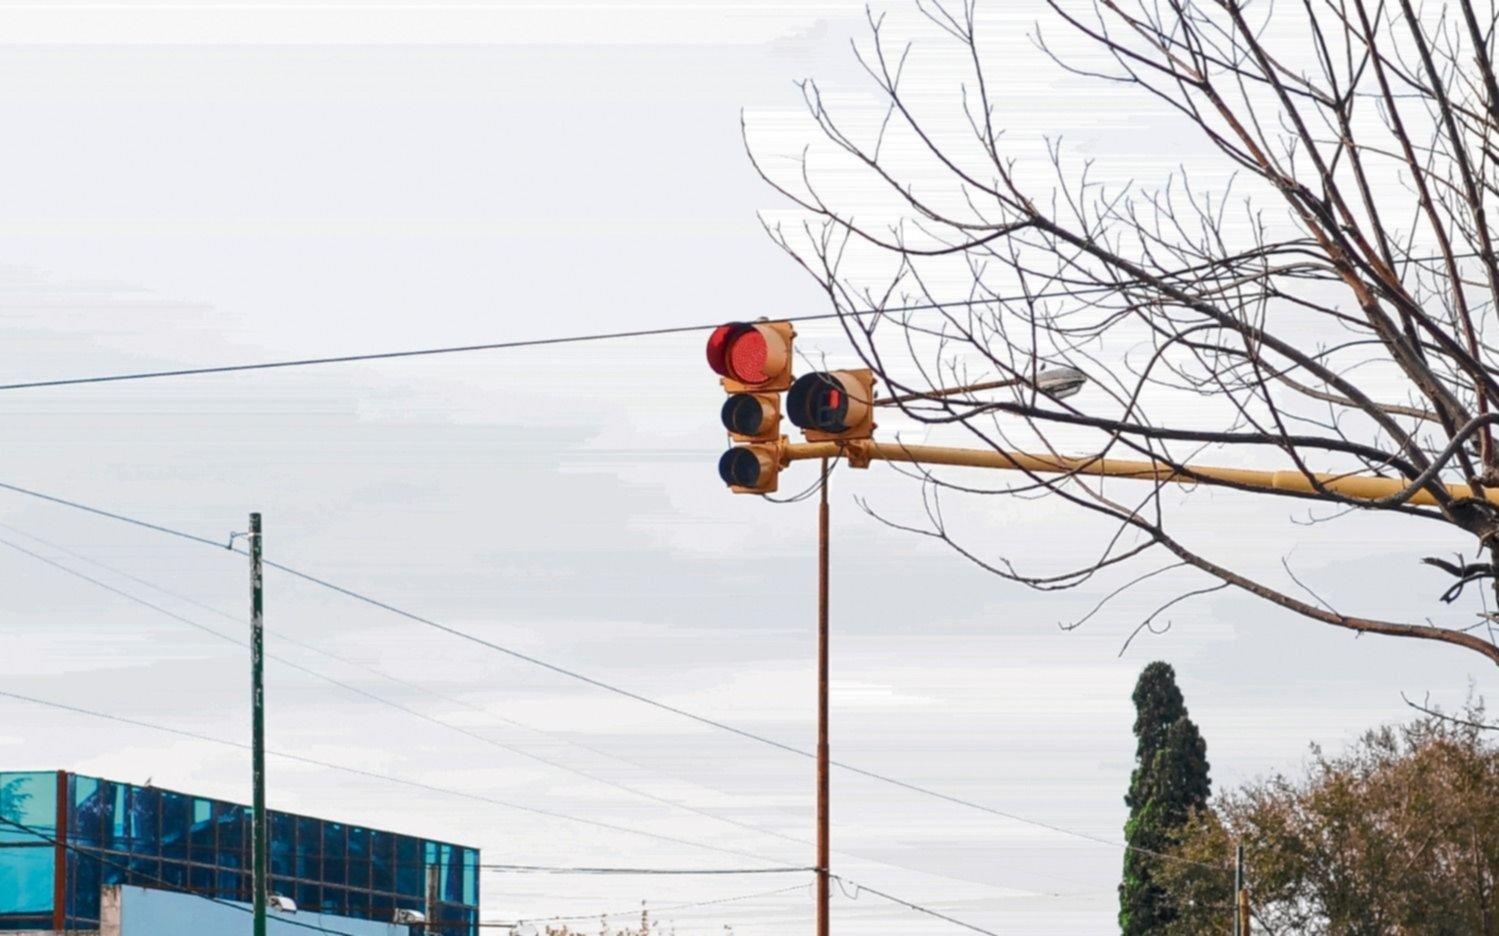 Berisso quiere implementar video multas para frenar el cruce de semáforos en rojo